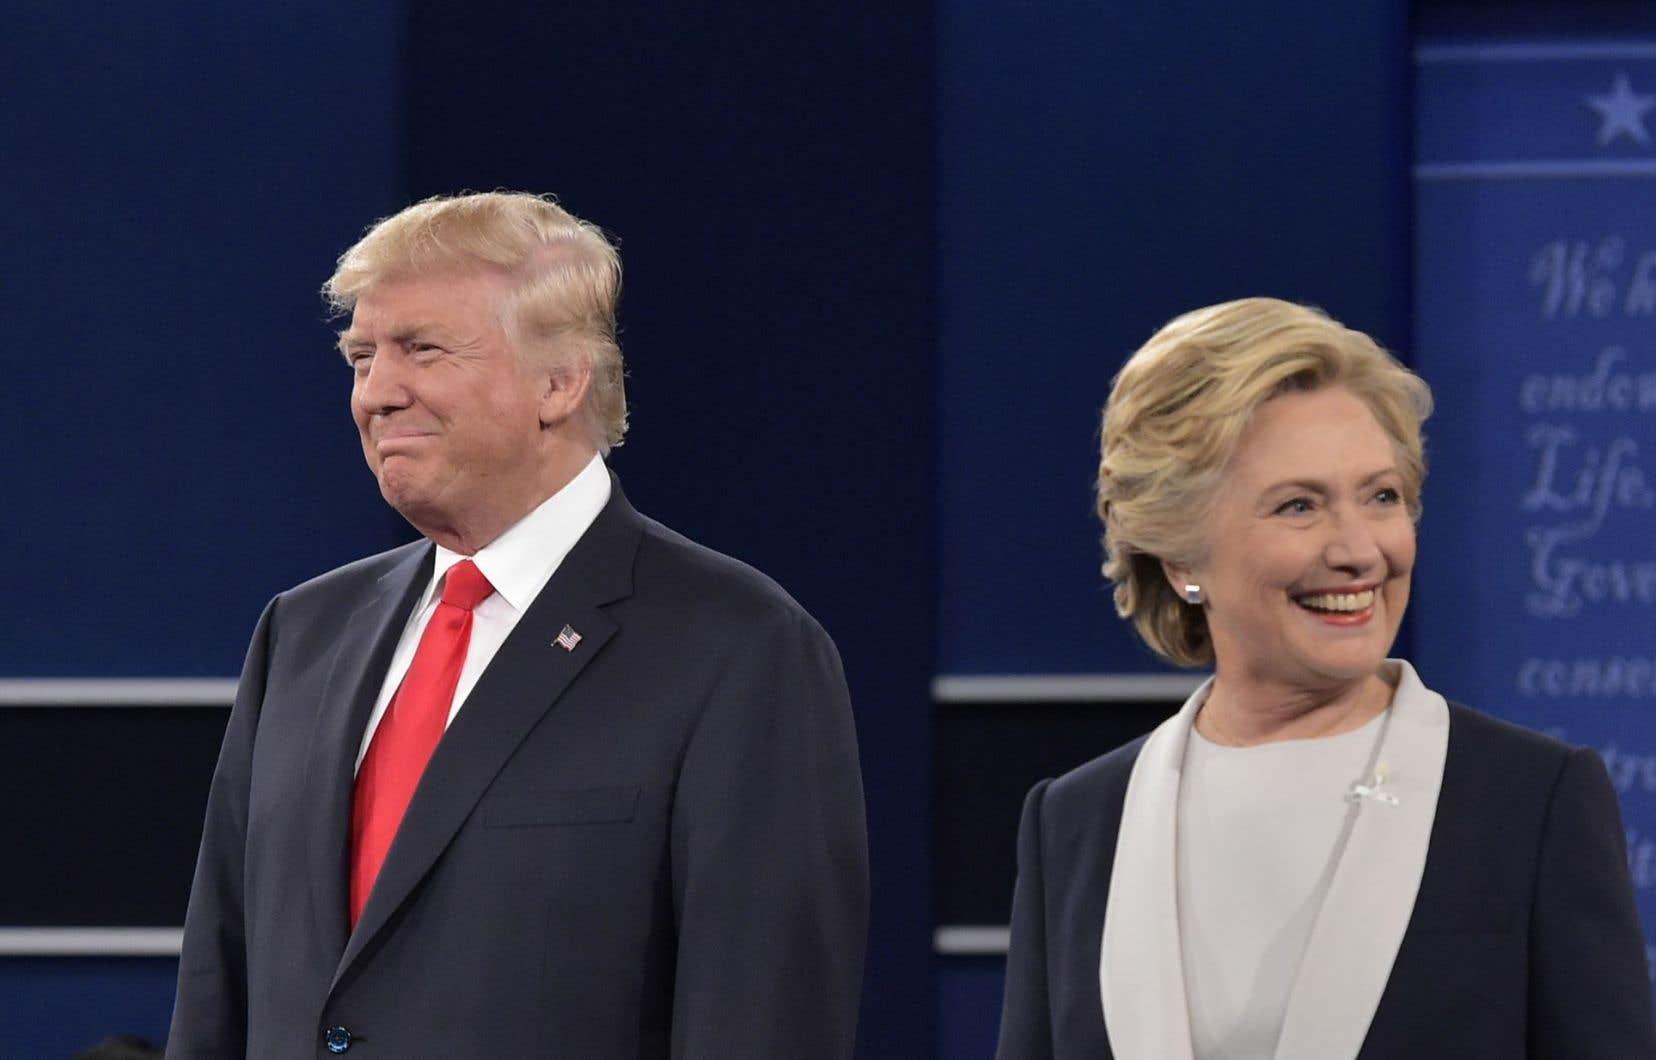 Cette fois, Trump se servira sans doute des révélations de WikiLeaks pour embarrasser sa rivale, estiment des analystes.